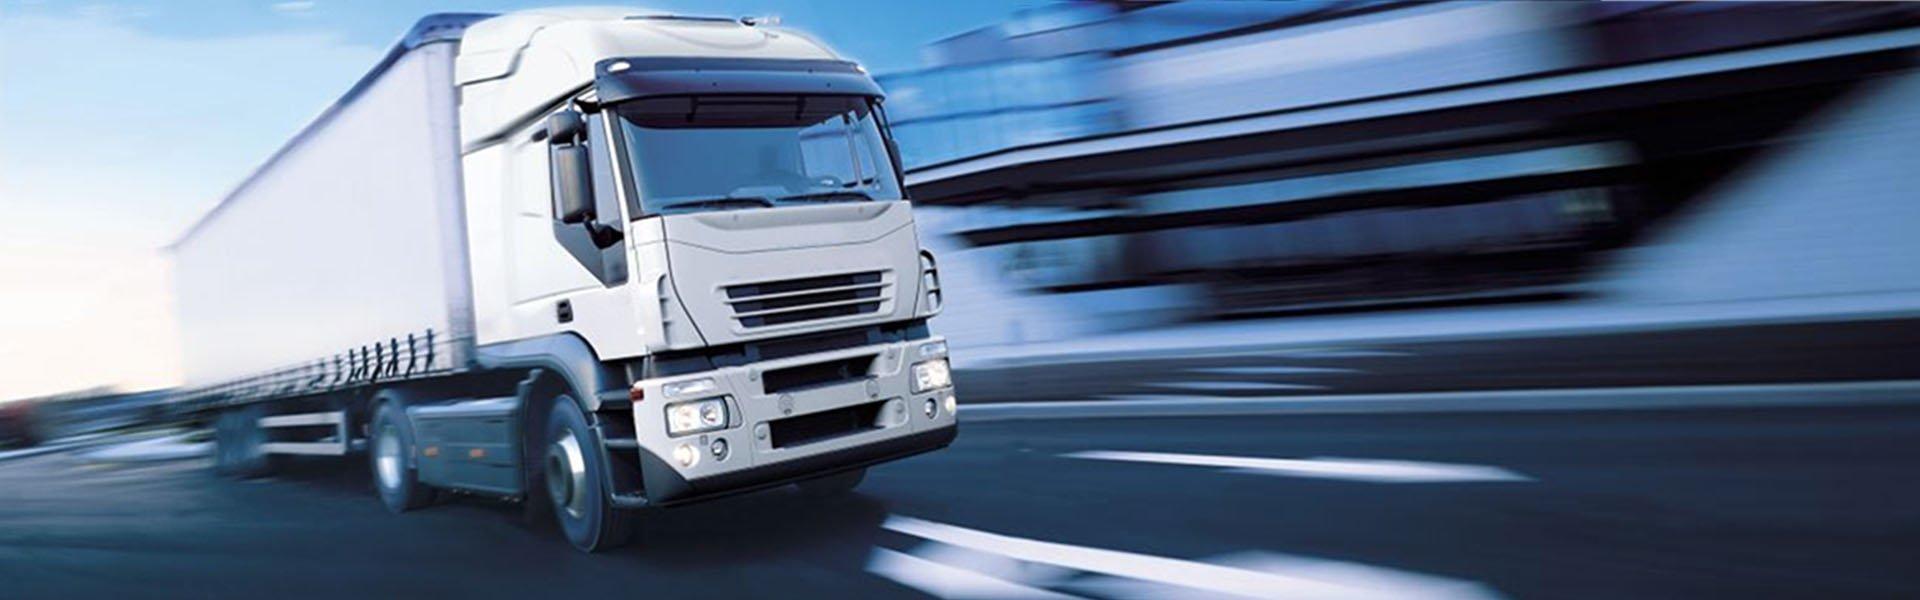 caminhão de entrega muito rápido